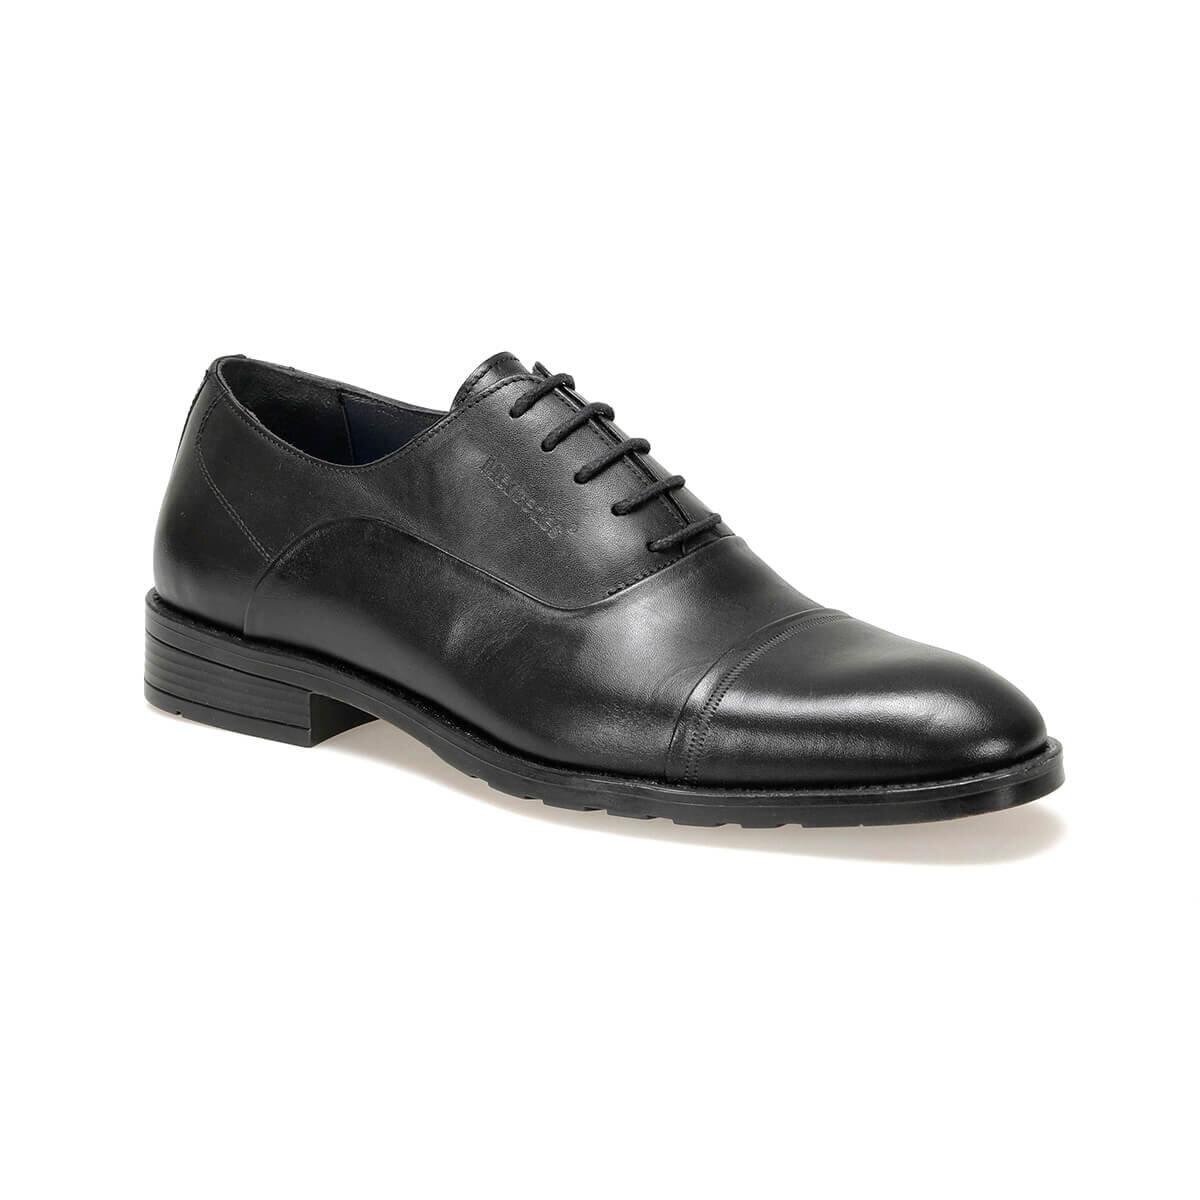 Damatlık Ayakkabısı